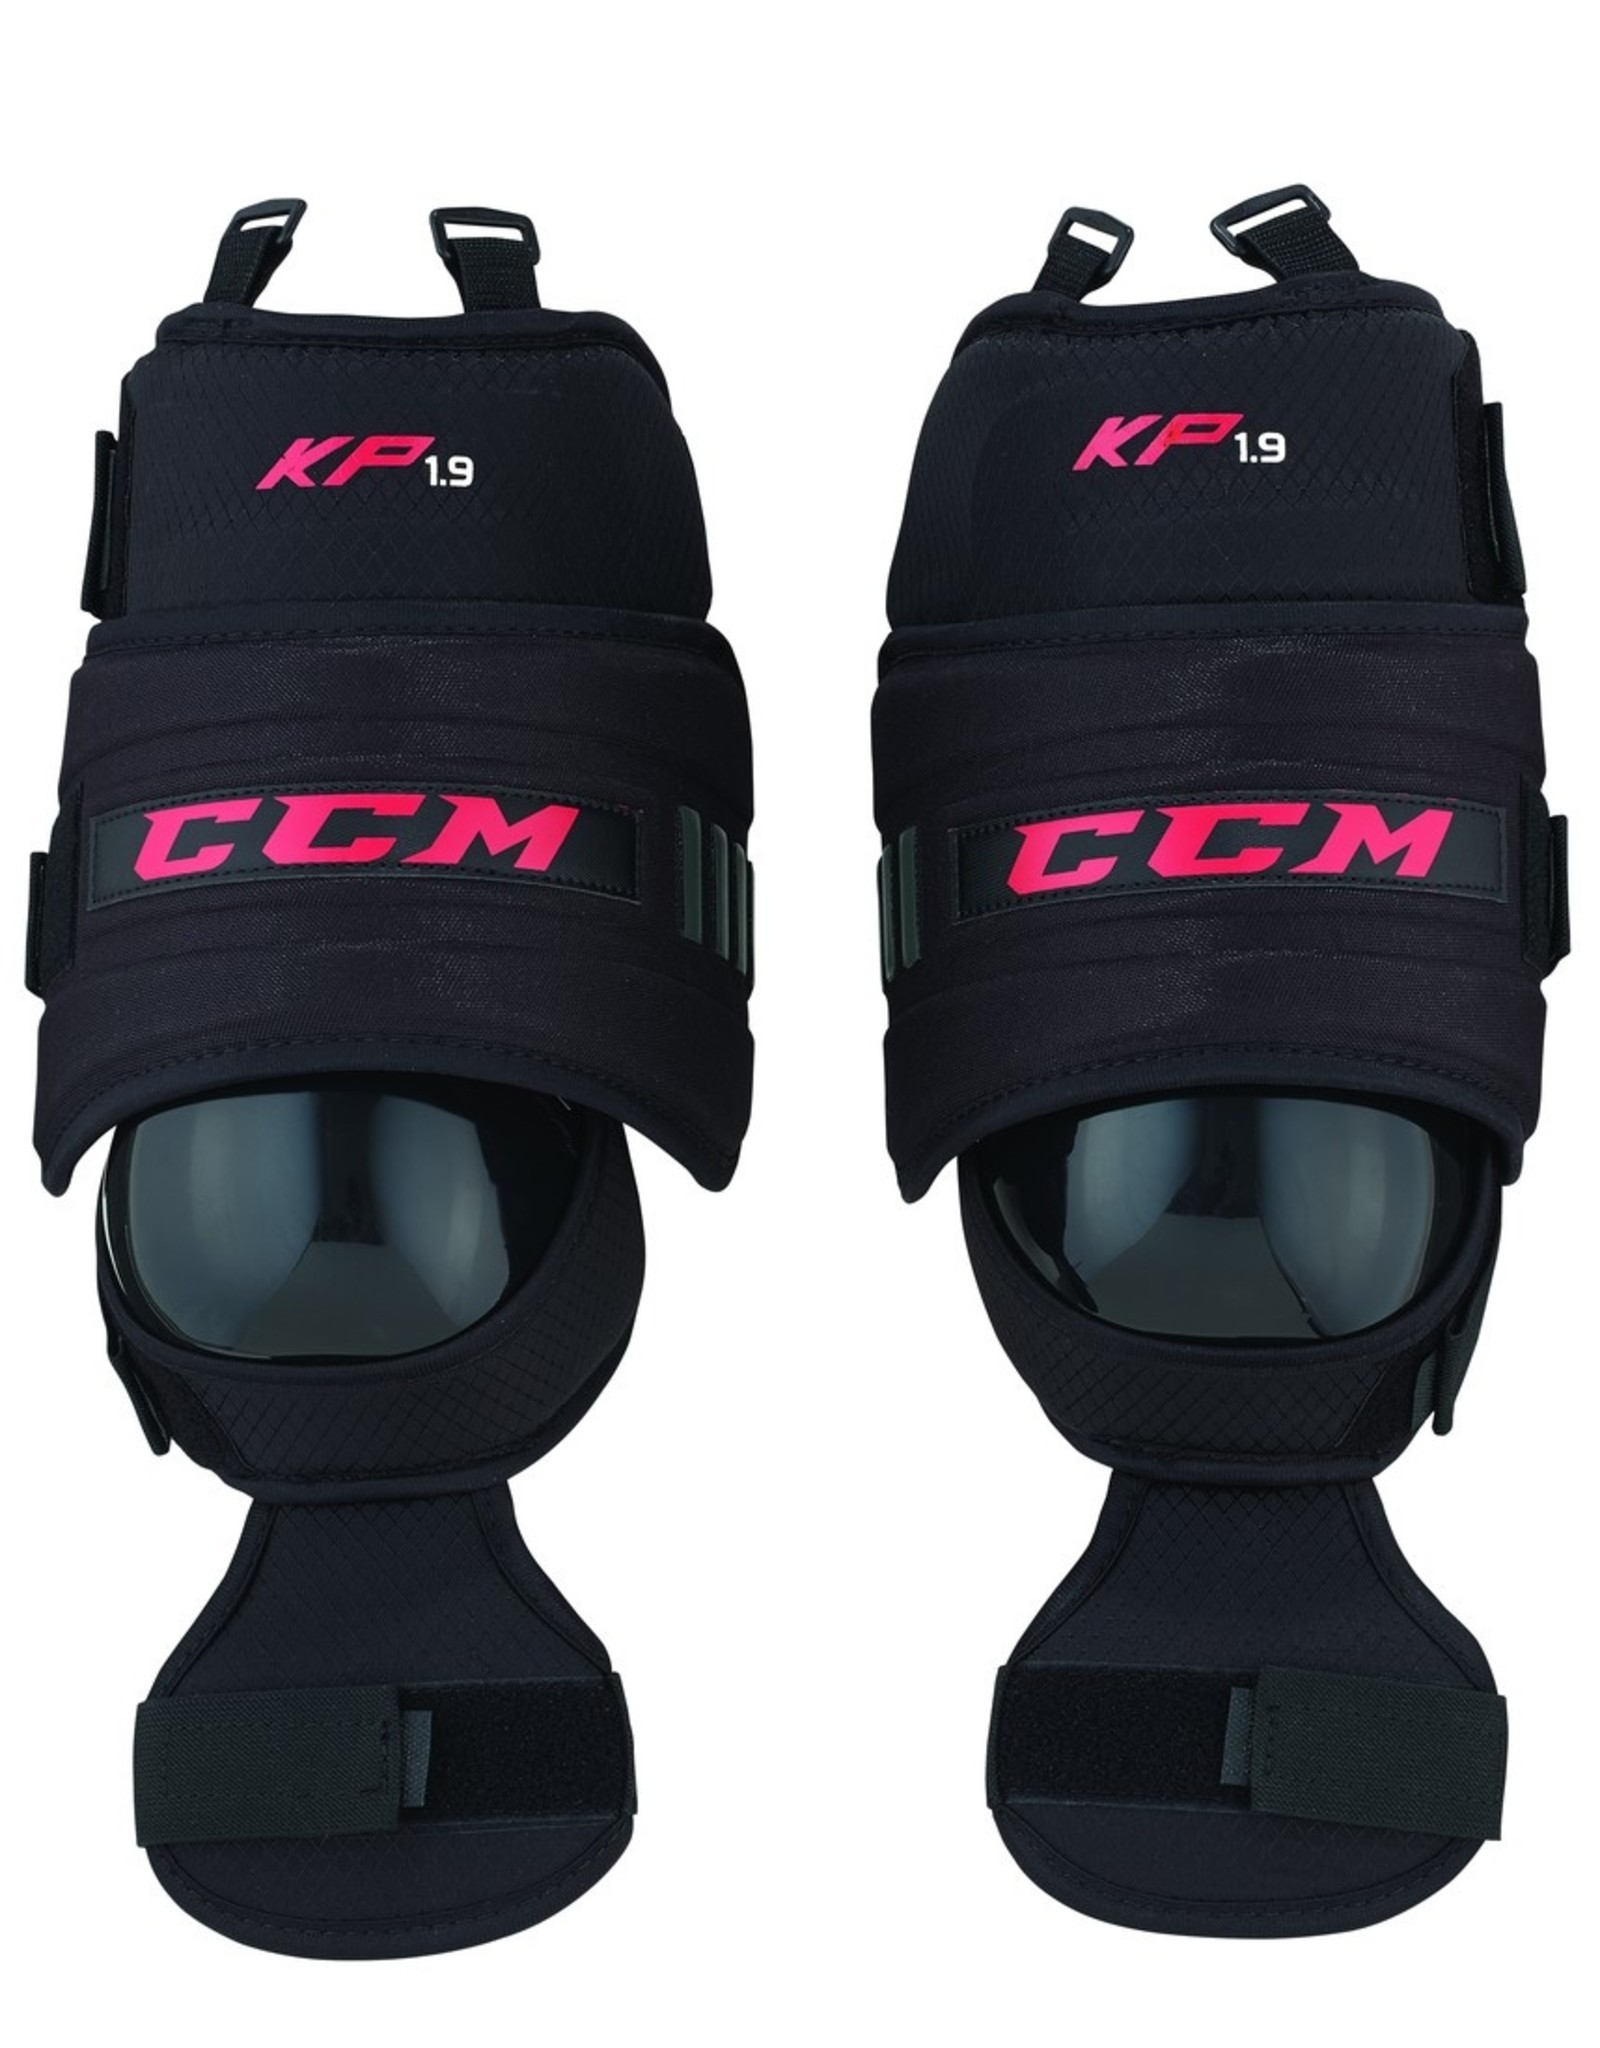 CCM Protege Genoux CCM KP 1.9